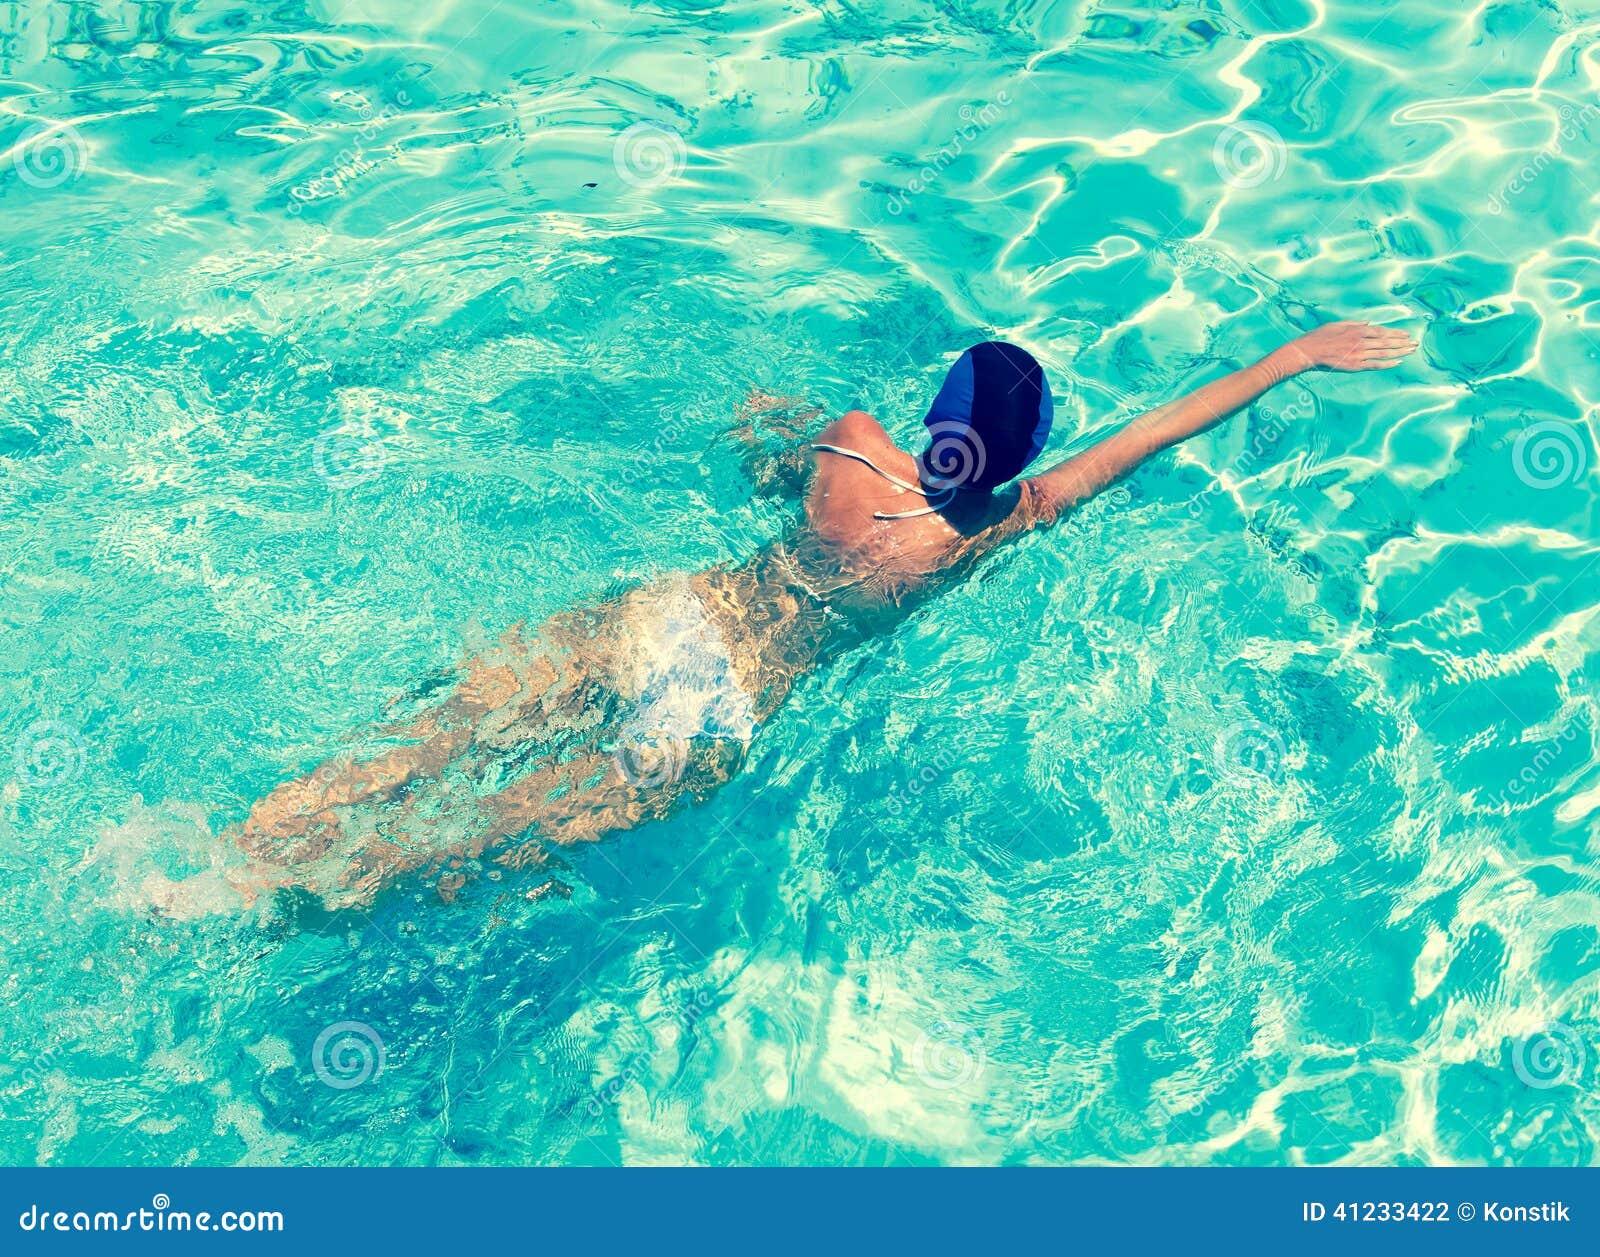 Фото купания в бассейне 22 фотография